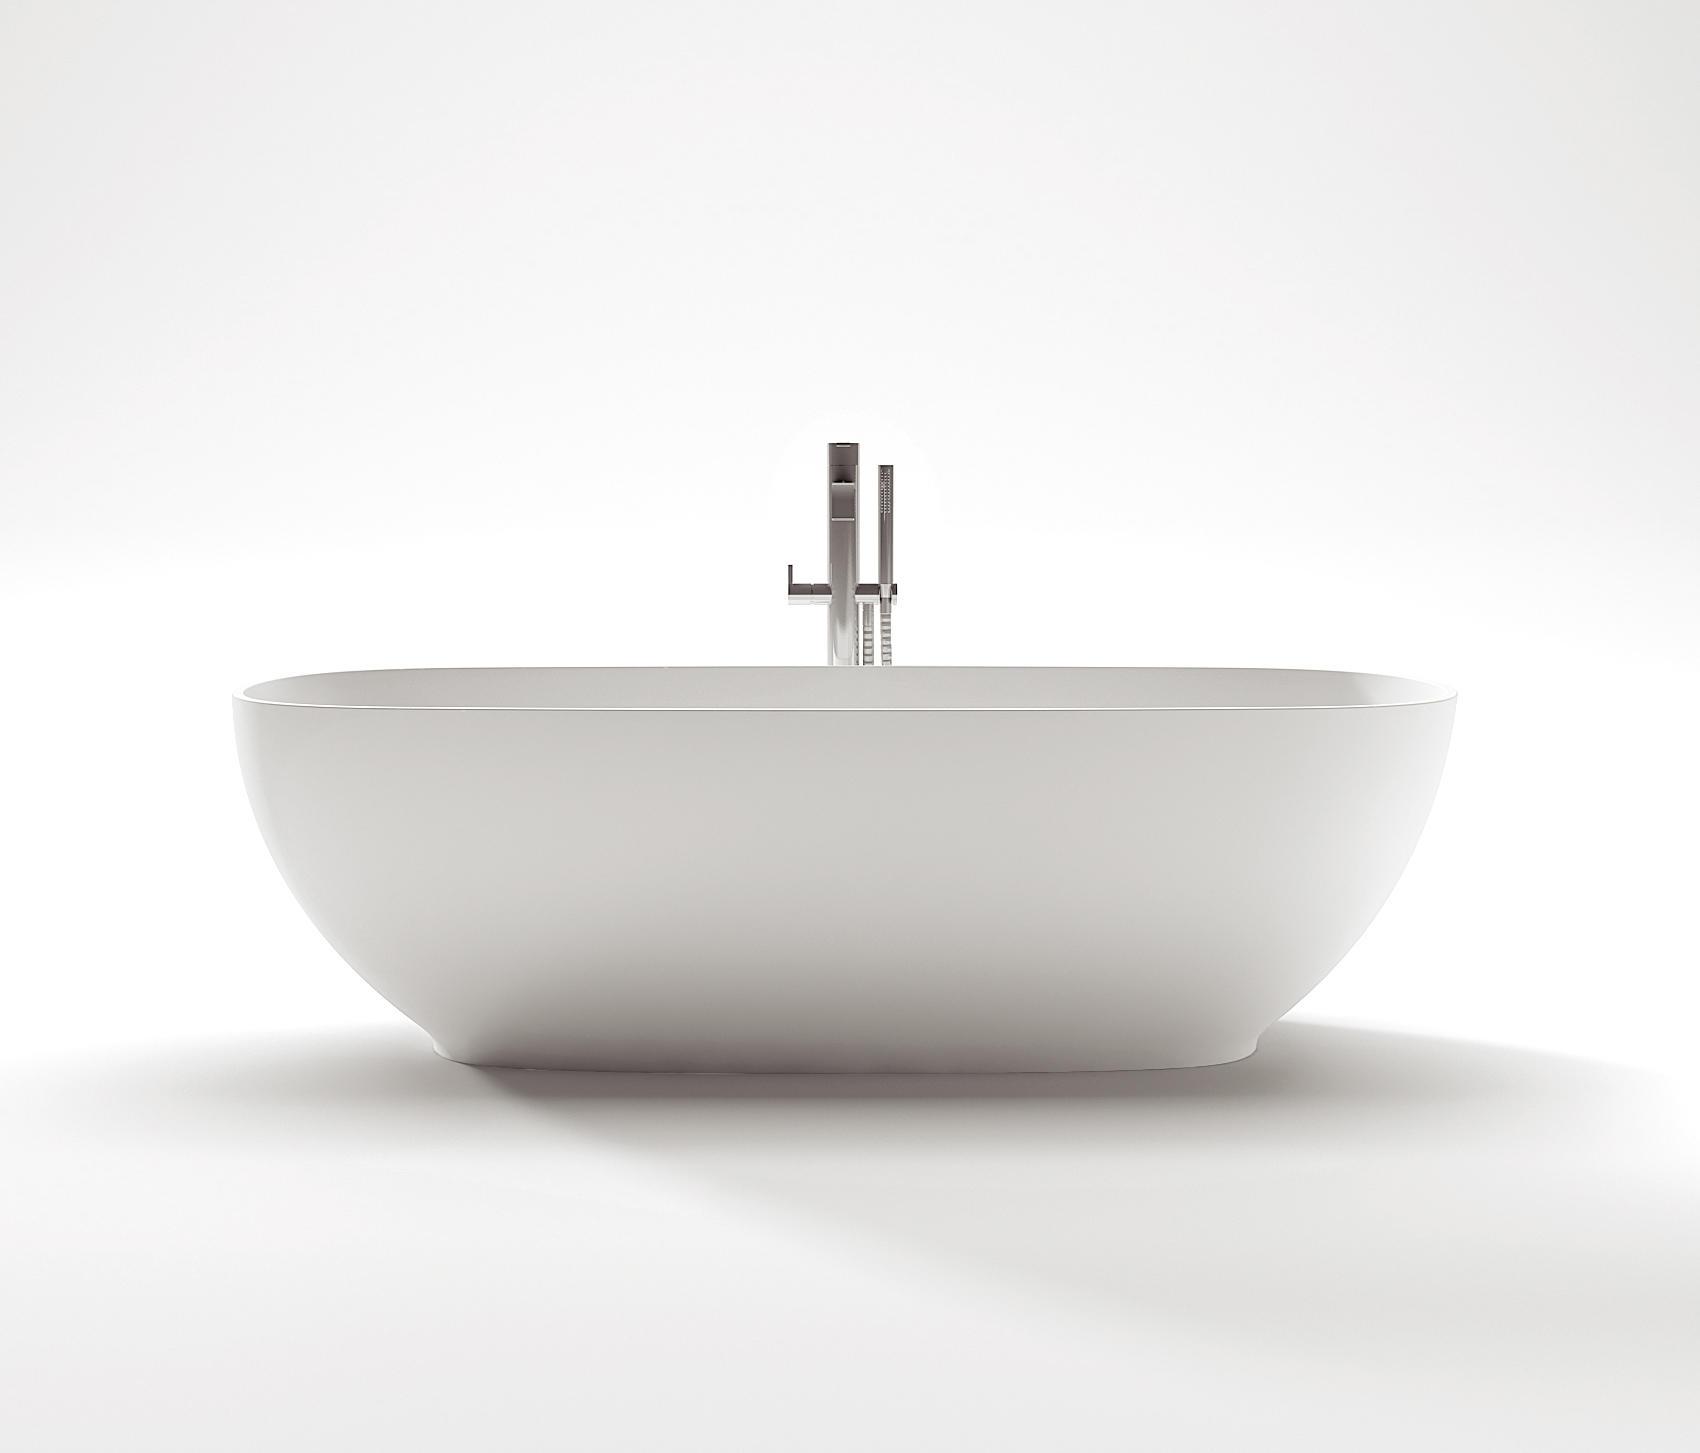 round tubs - round baths freestanding urevoocom